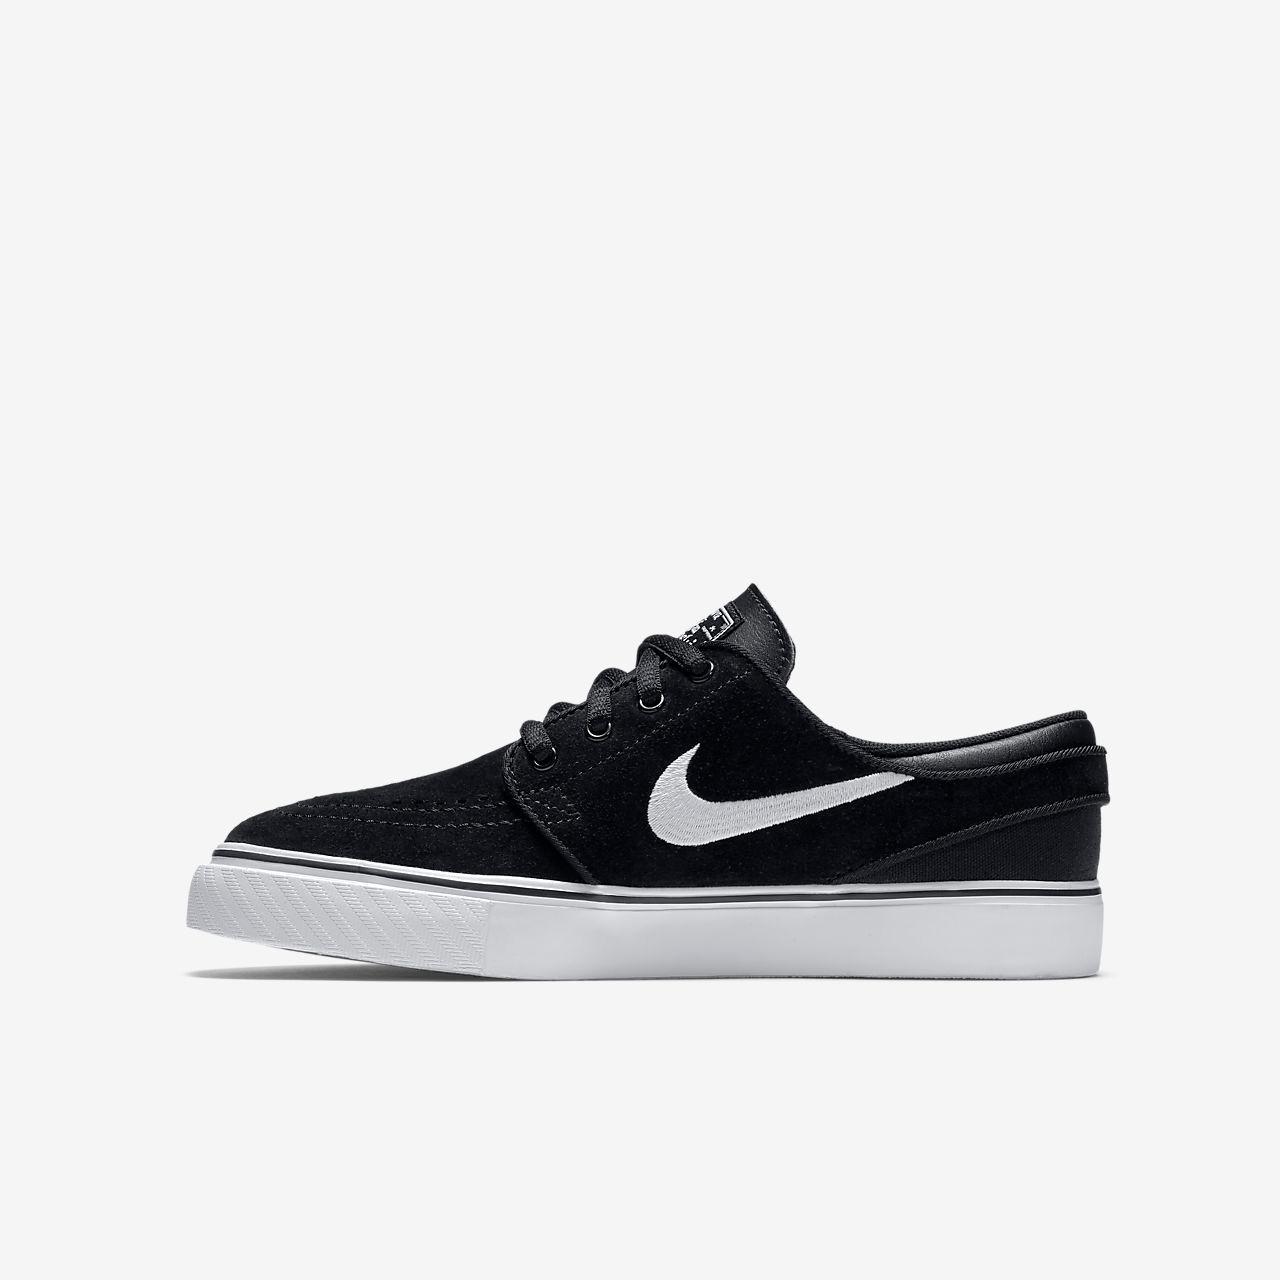 afa8fbc8d1 sb-zoom-stefan-janoski-older-skateboarding-shoe -BLTBW2DE-1__25884.1513785440.1280.1280.jpg